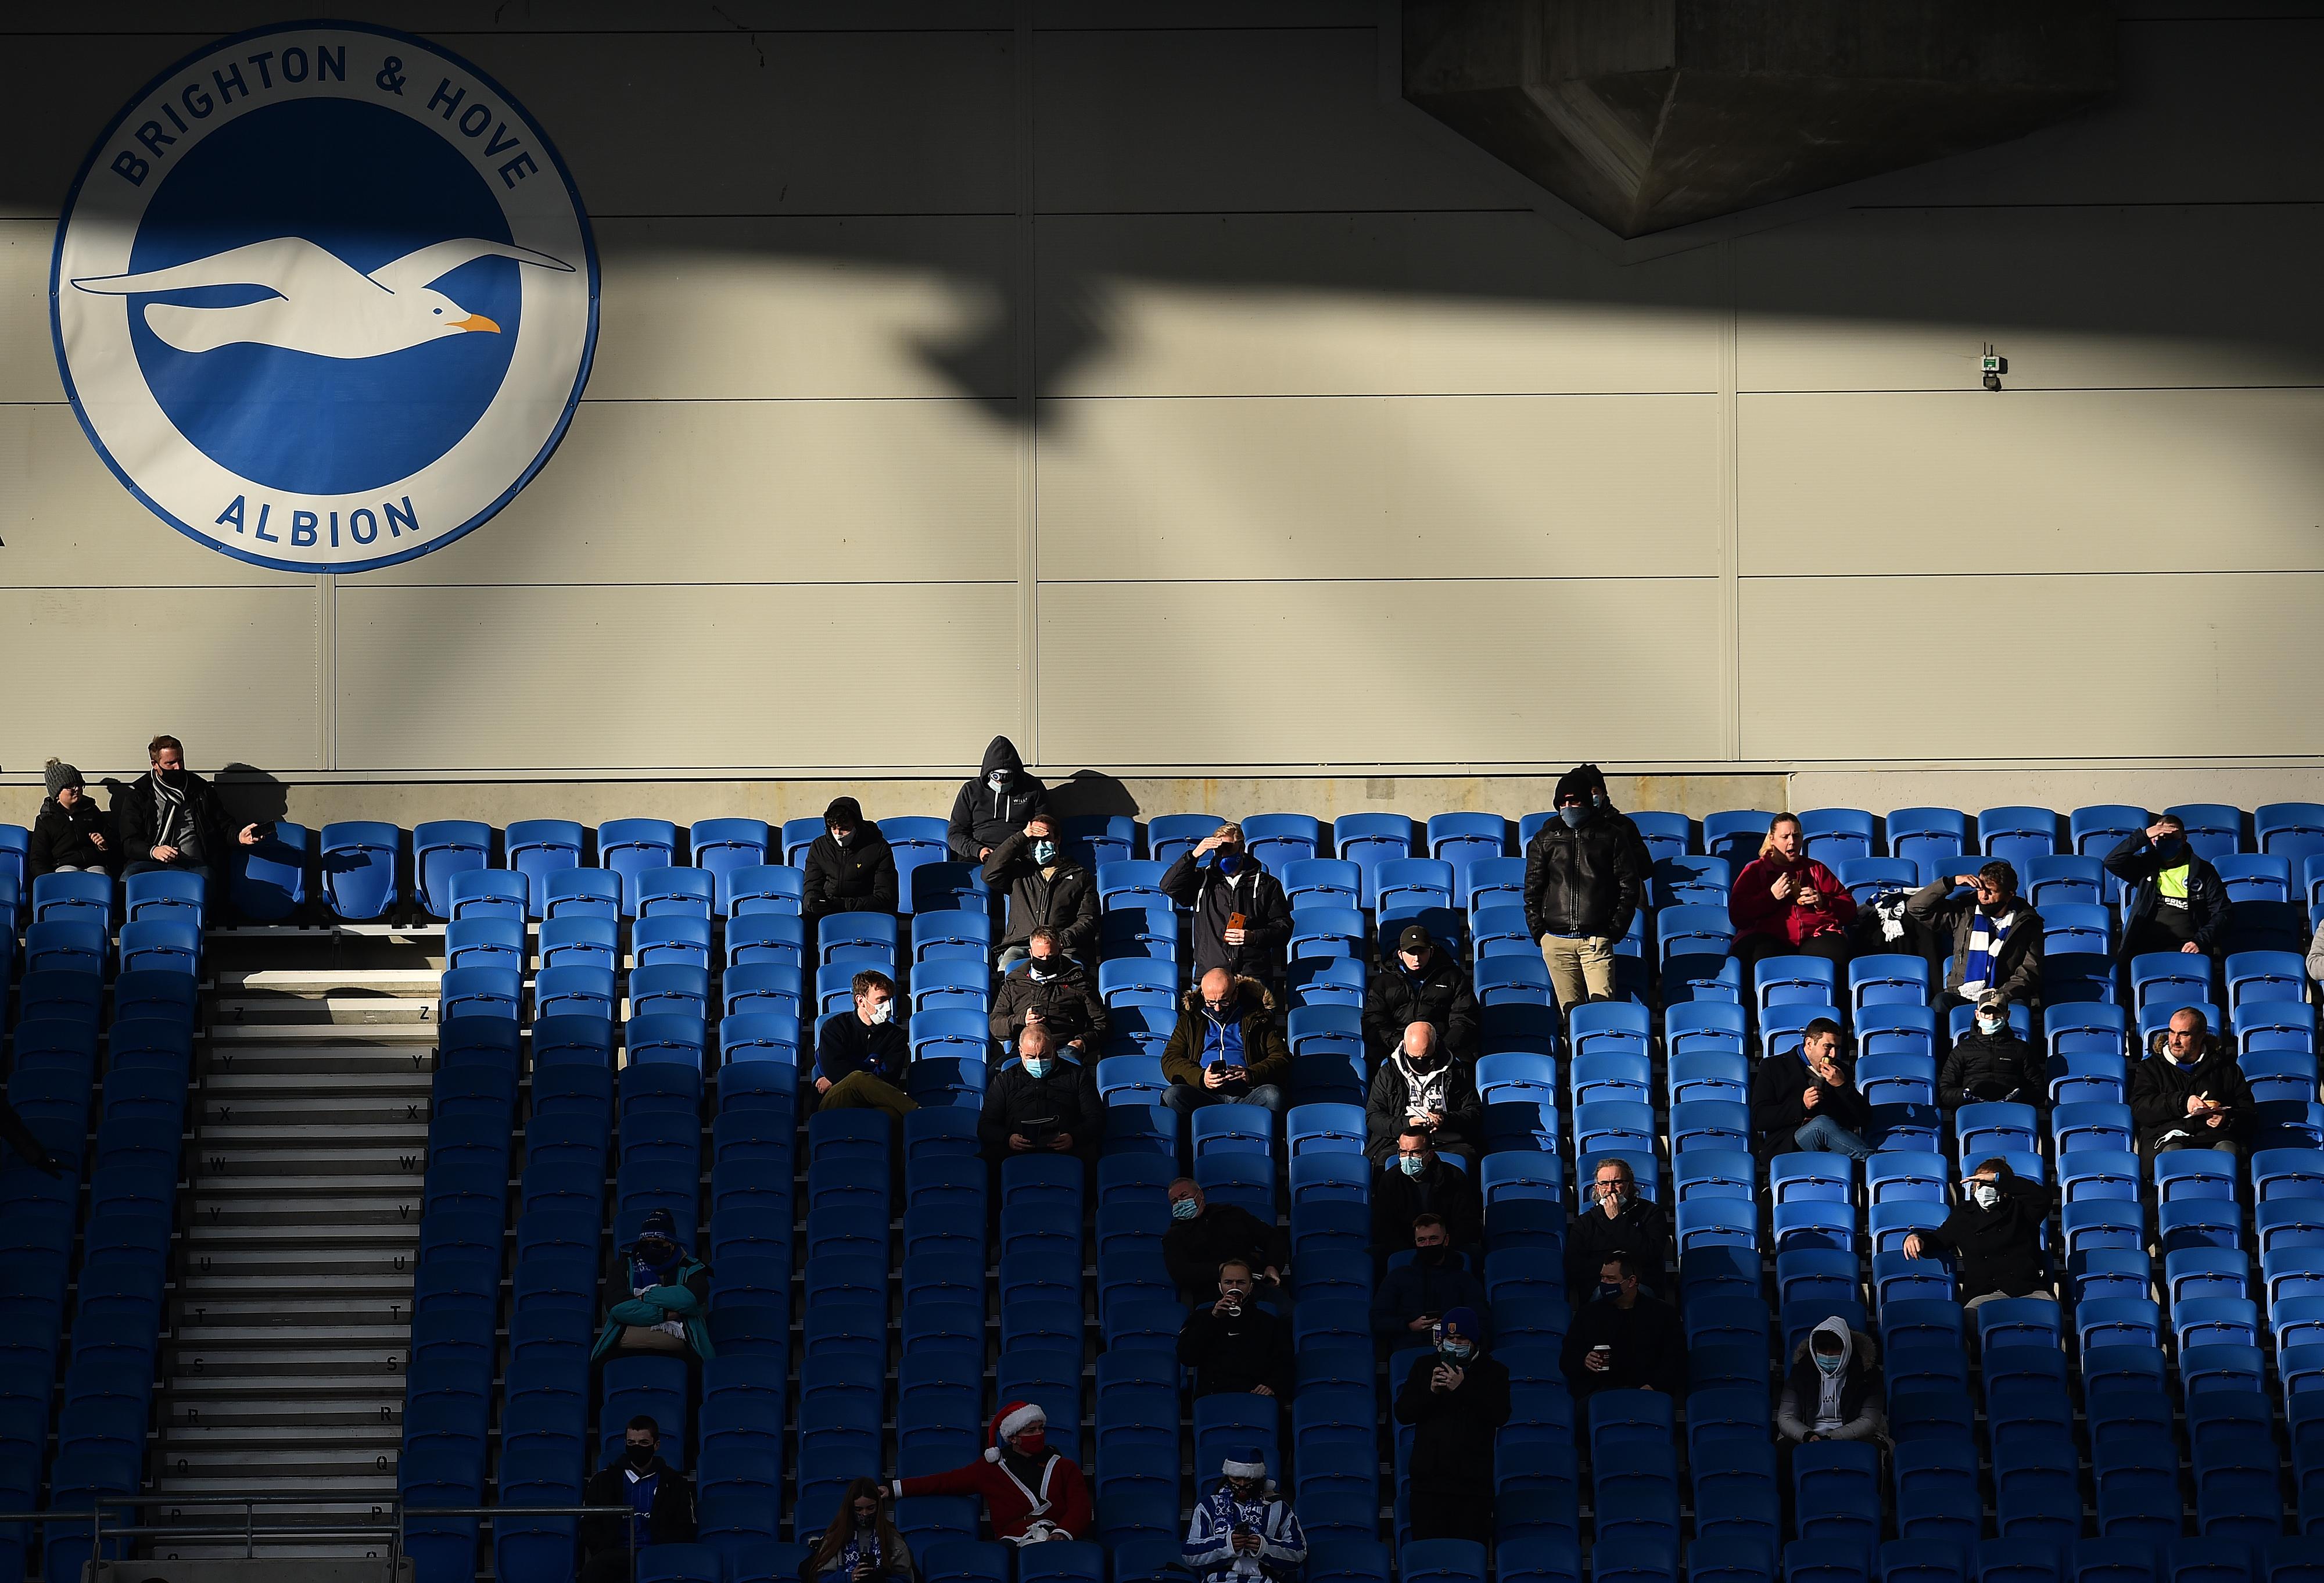 Público com distanciamento social na Inglaterra. Foto: AFP